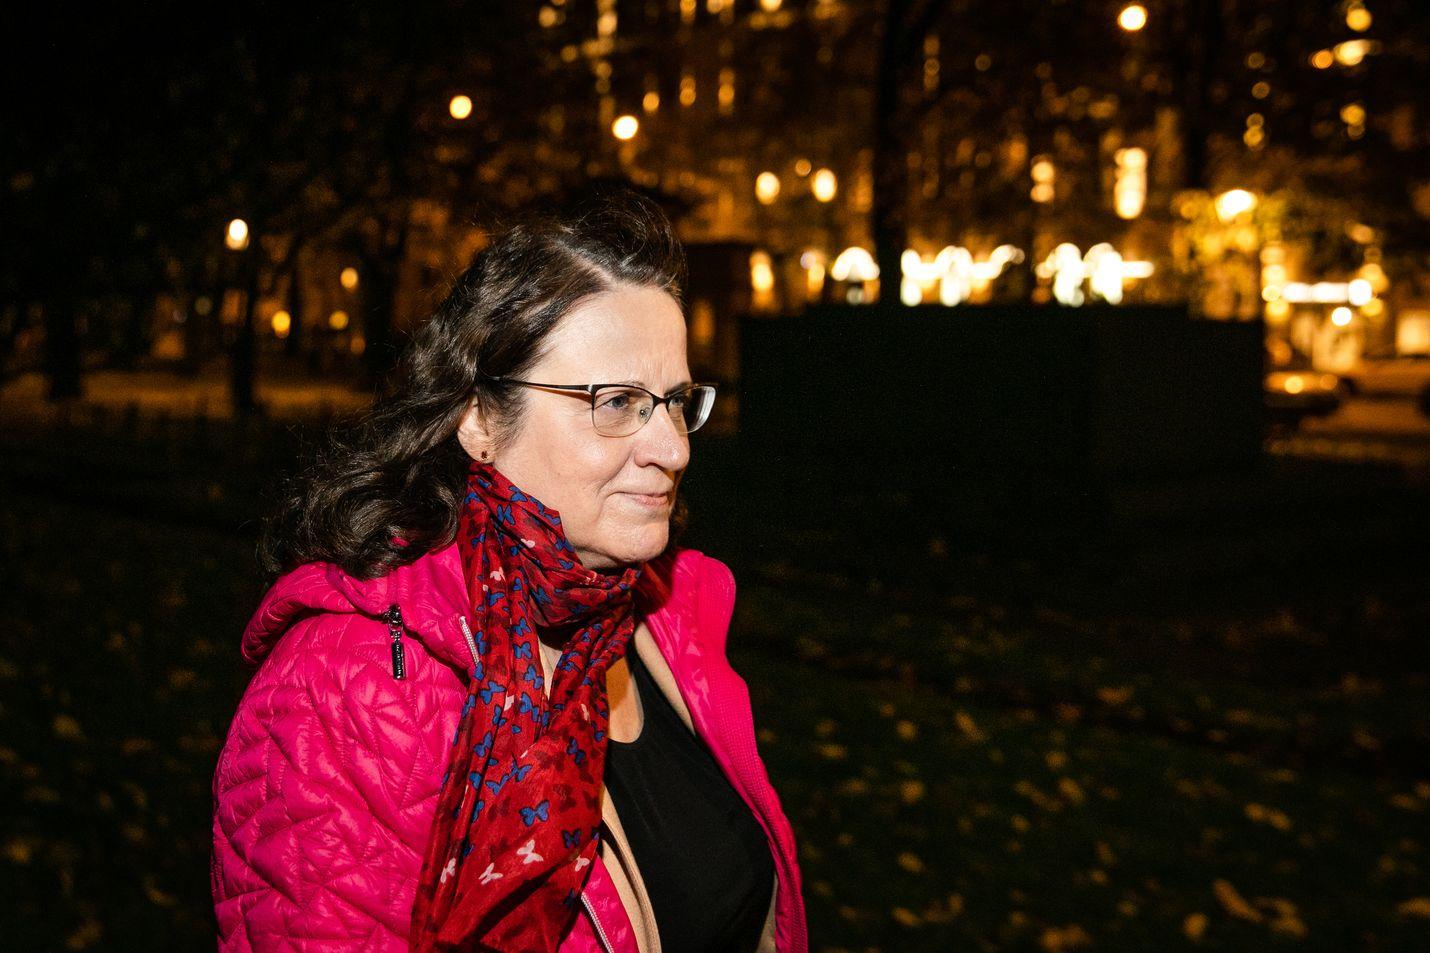 Työ- ja elinkeinoministeriössä Kirsti Loukola-Ruskeeniemi oppi kirjoittamaan vaikeista asioista selkeästi ja kiinnostavasti, kun hän virkamiehenä kirjoitti puheita ja taustamuistioita ministereille. Se on auttanut historiallisen romaanin kirjoittamisessa.